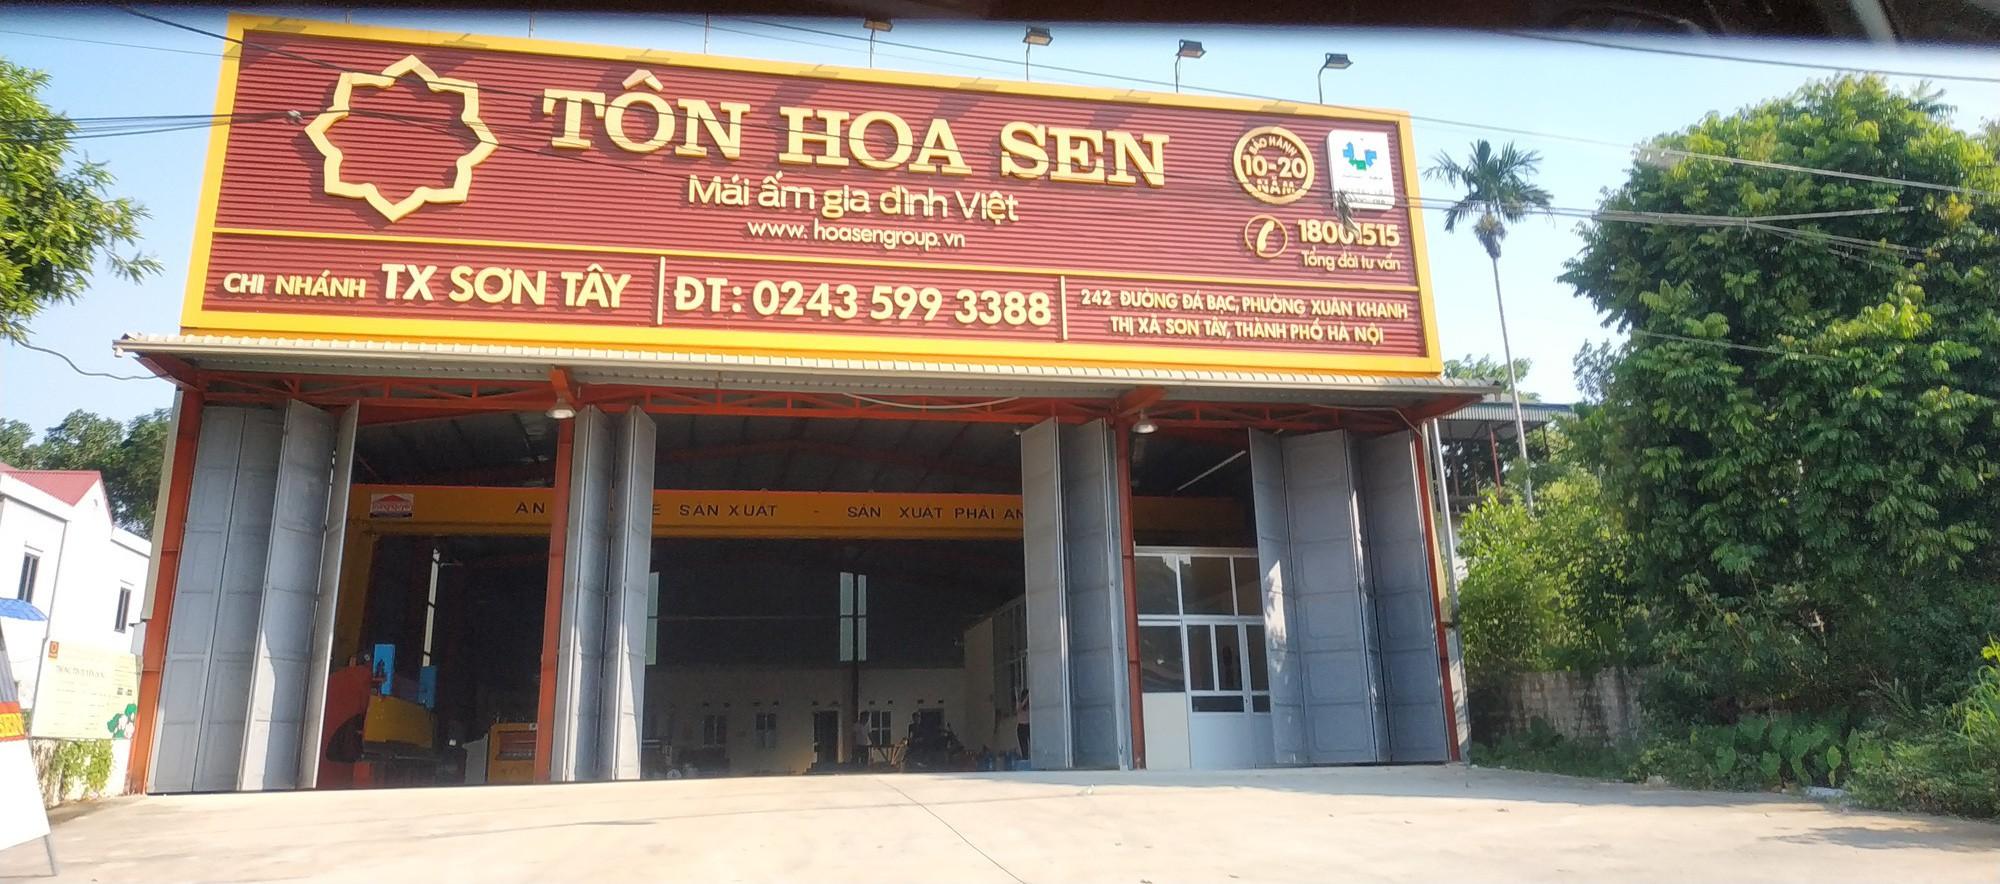 HSG Hoa sen self (1)-crop